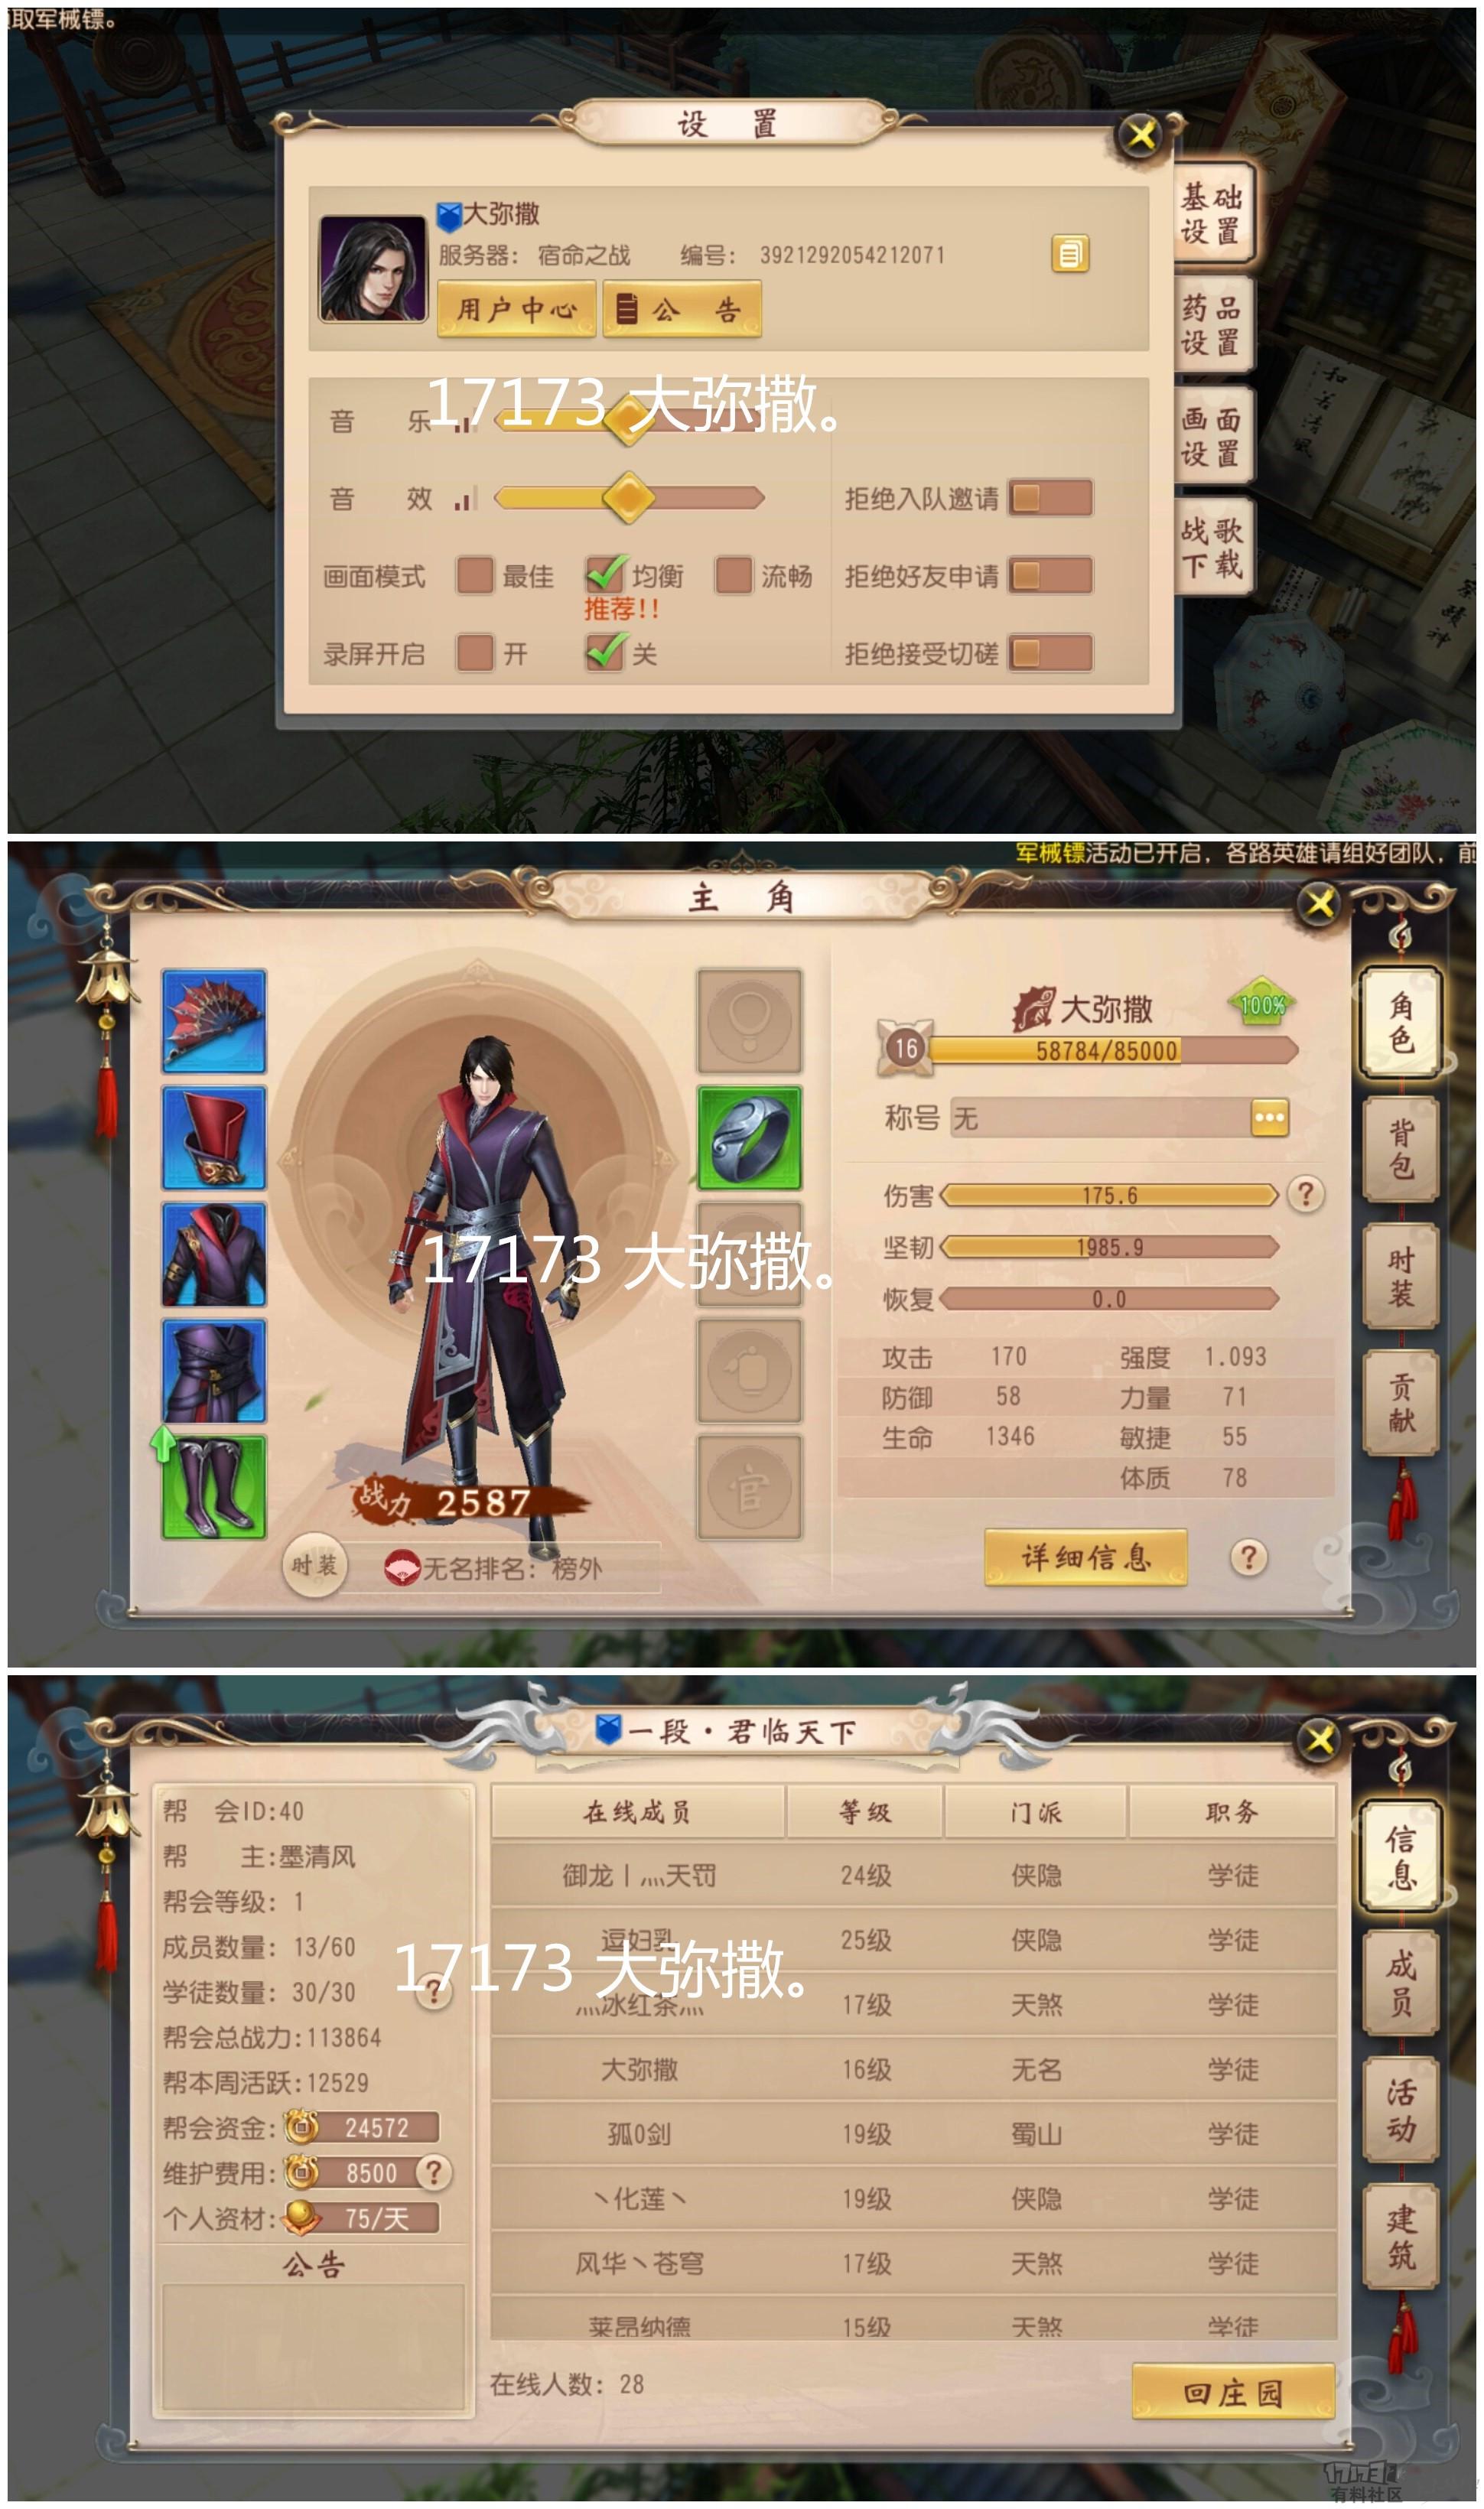 17173 大唐无双.jpg